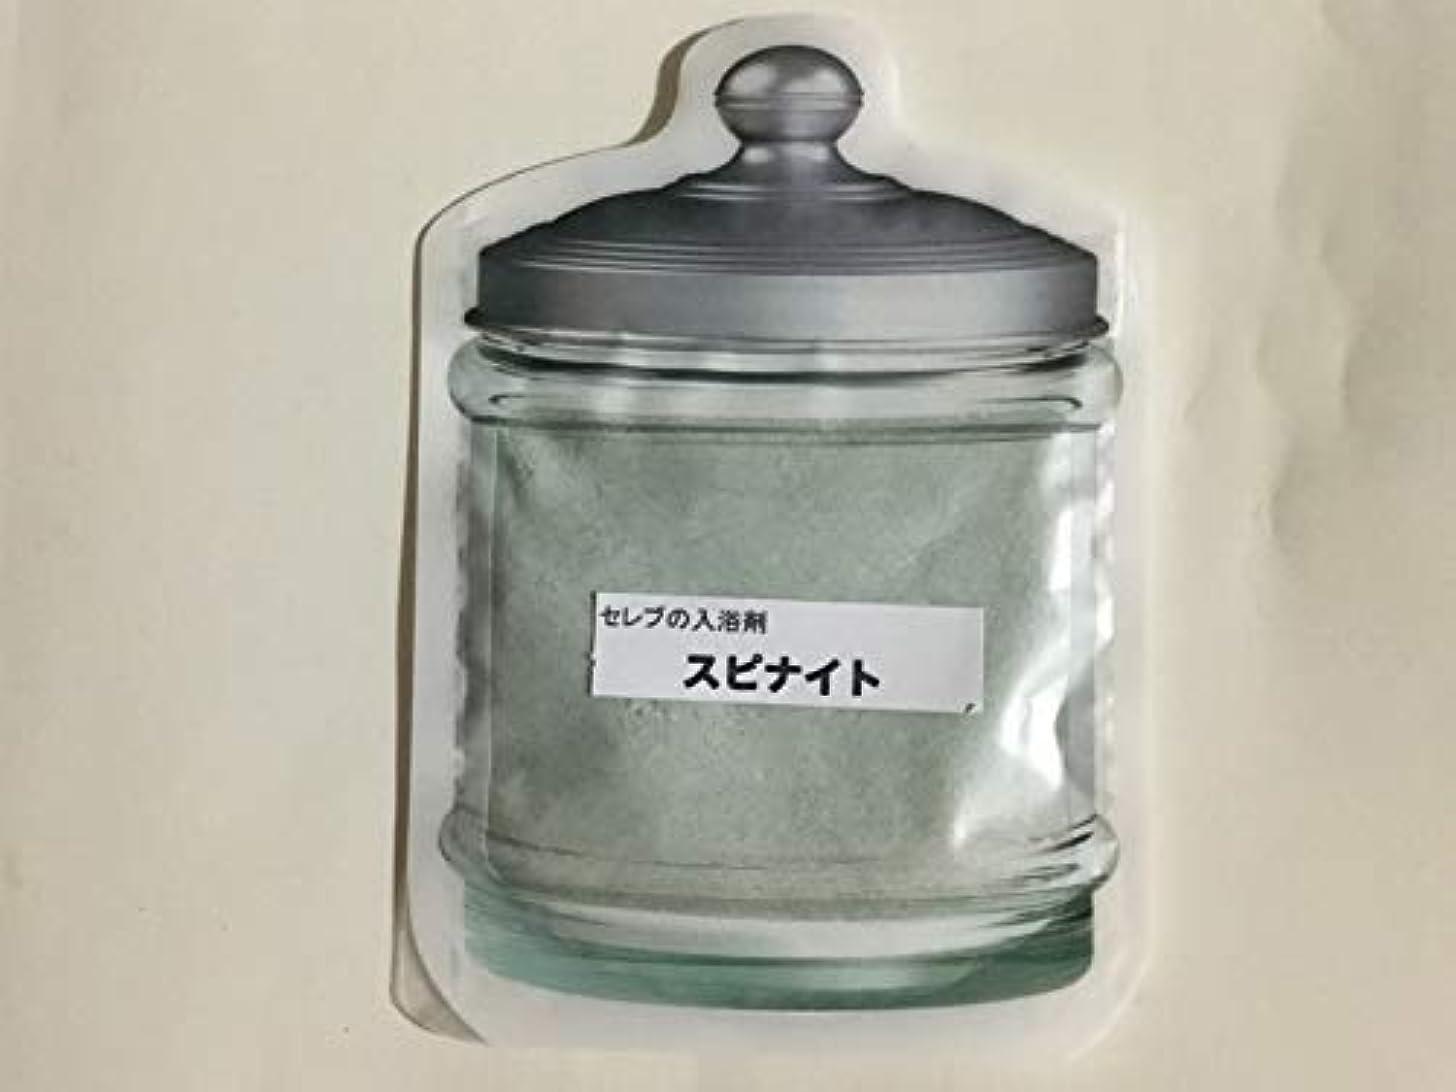 小包受け継ぐ副セレブの入浴剤「スピナイト」